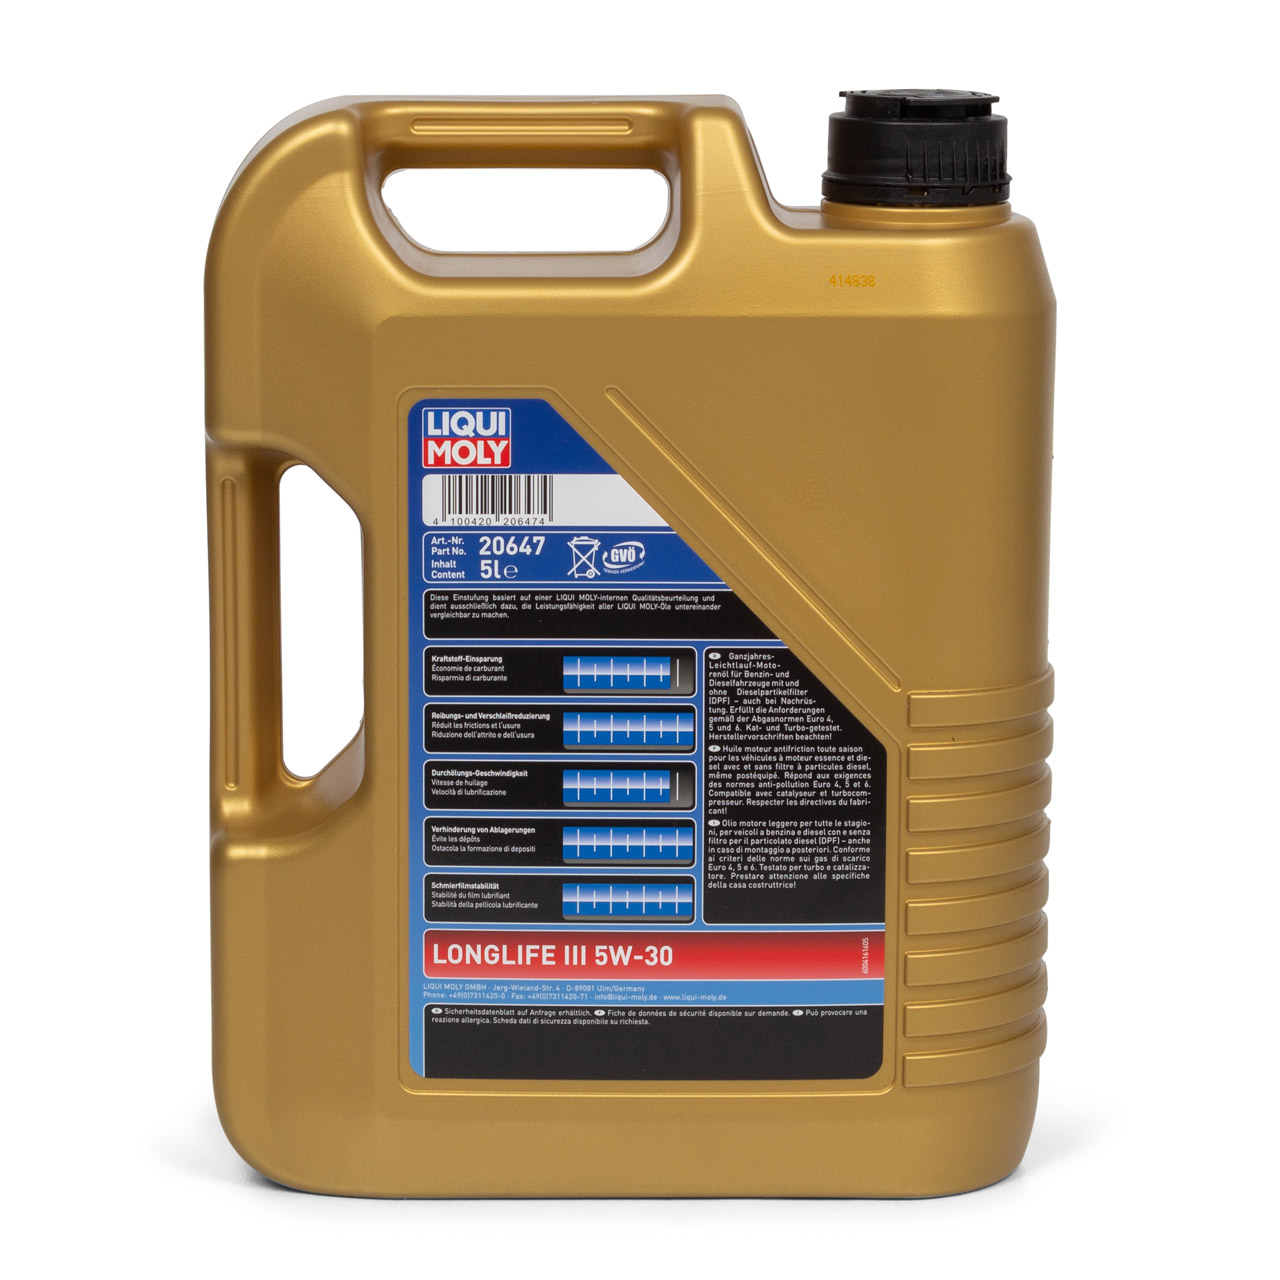 LIQUI MOLY 20647 Motoröl Öl 5W30 LONGLIFE III VW 504/507.00 LL04 MB 229.51 - 5L